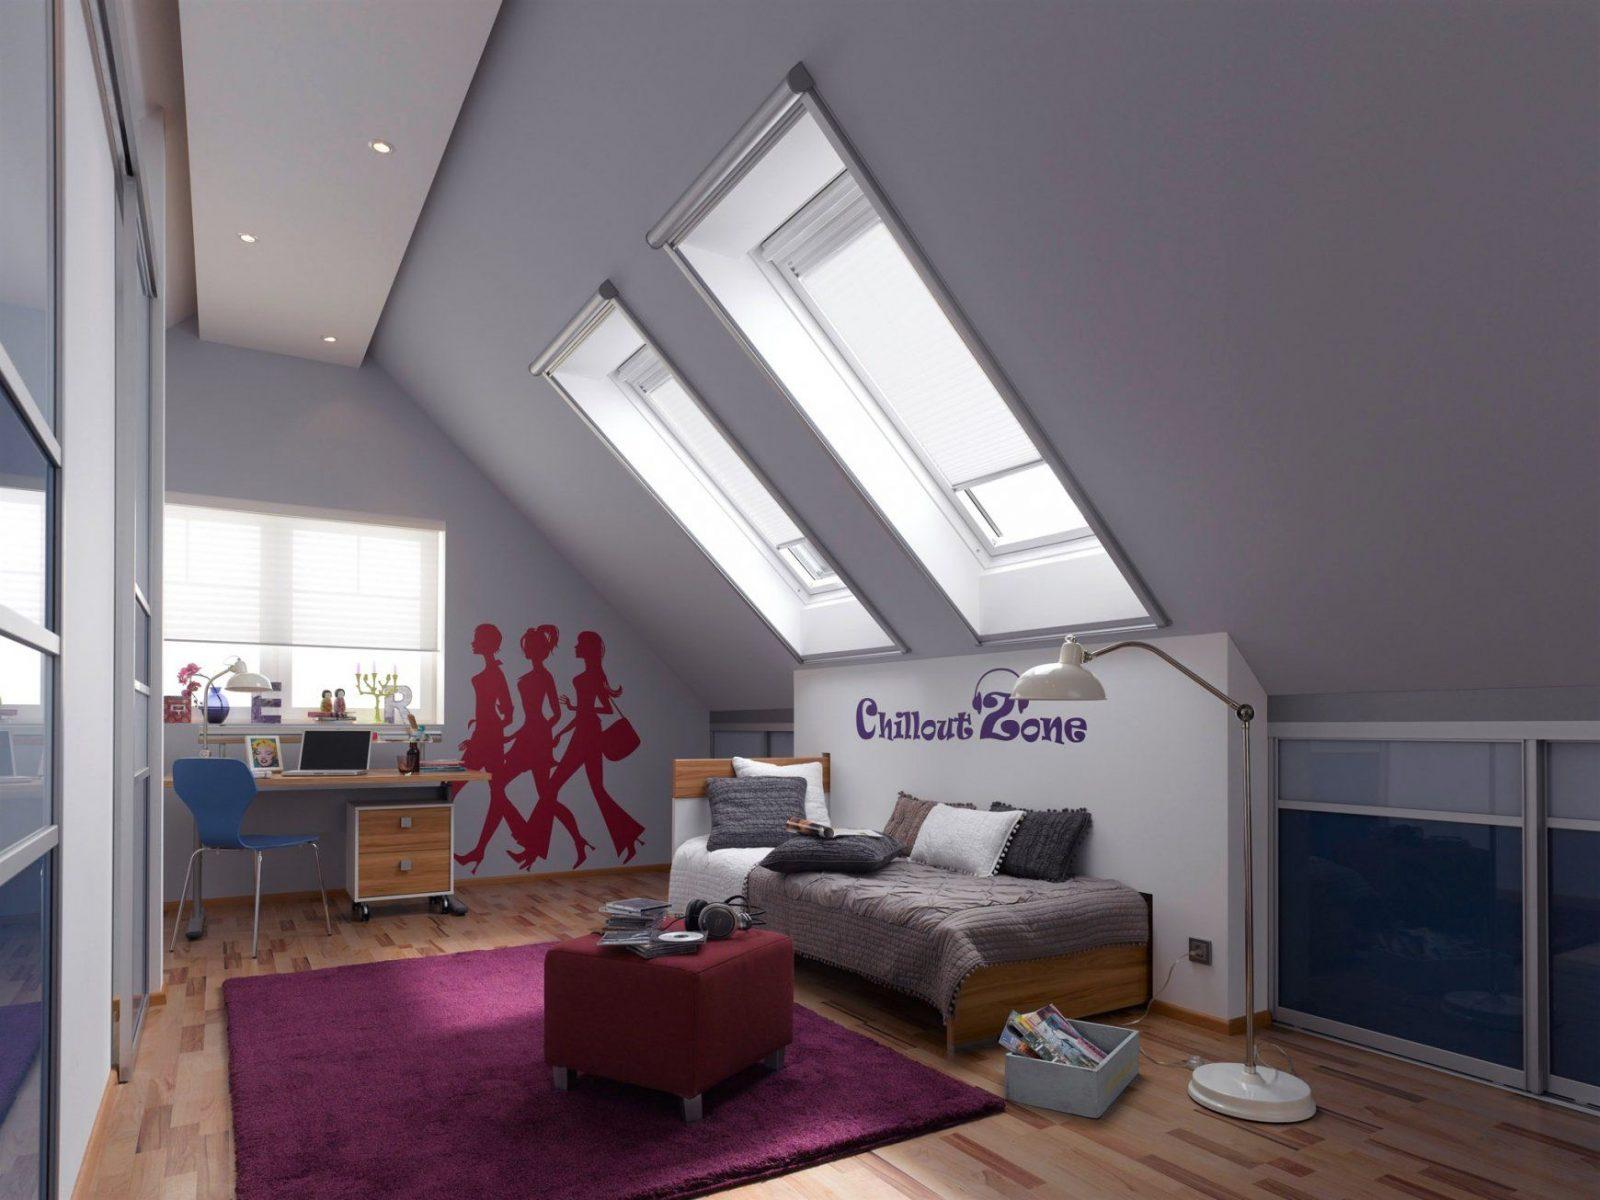 Kinderzimmer Dachschräge Streichen Wunderbar Auf Dekoideen Fur Ihr von Kinderzimmer Mit Dachschräge Gestalten Bild